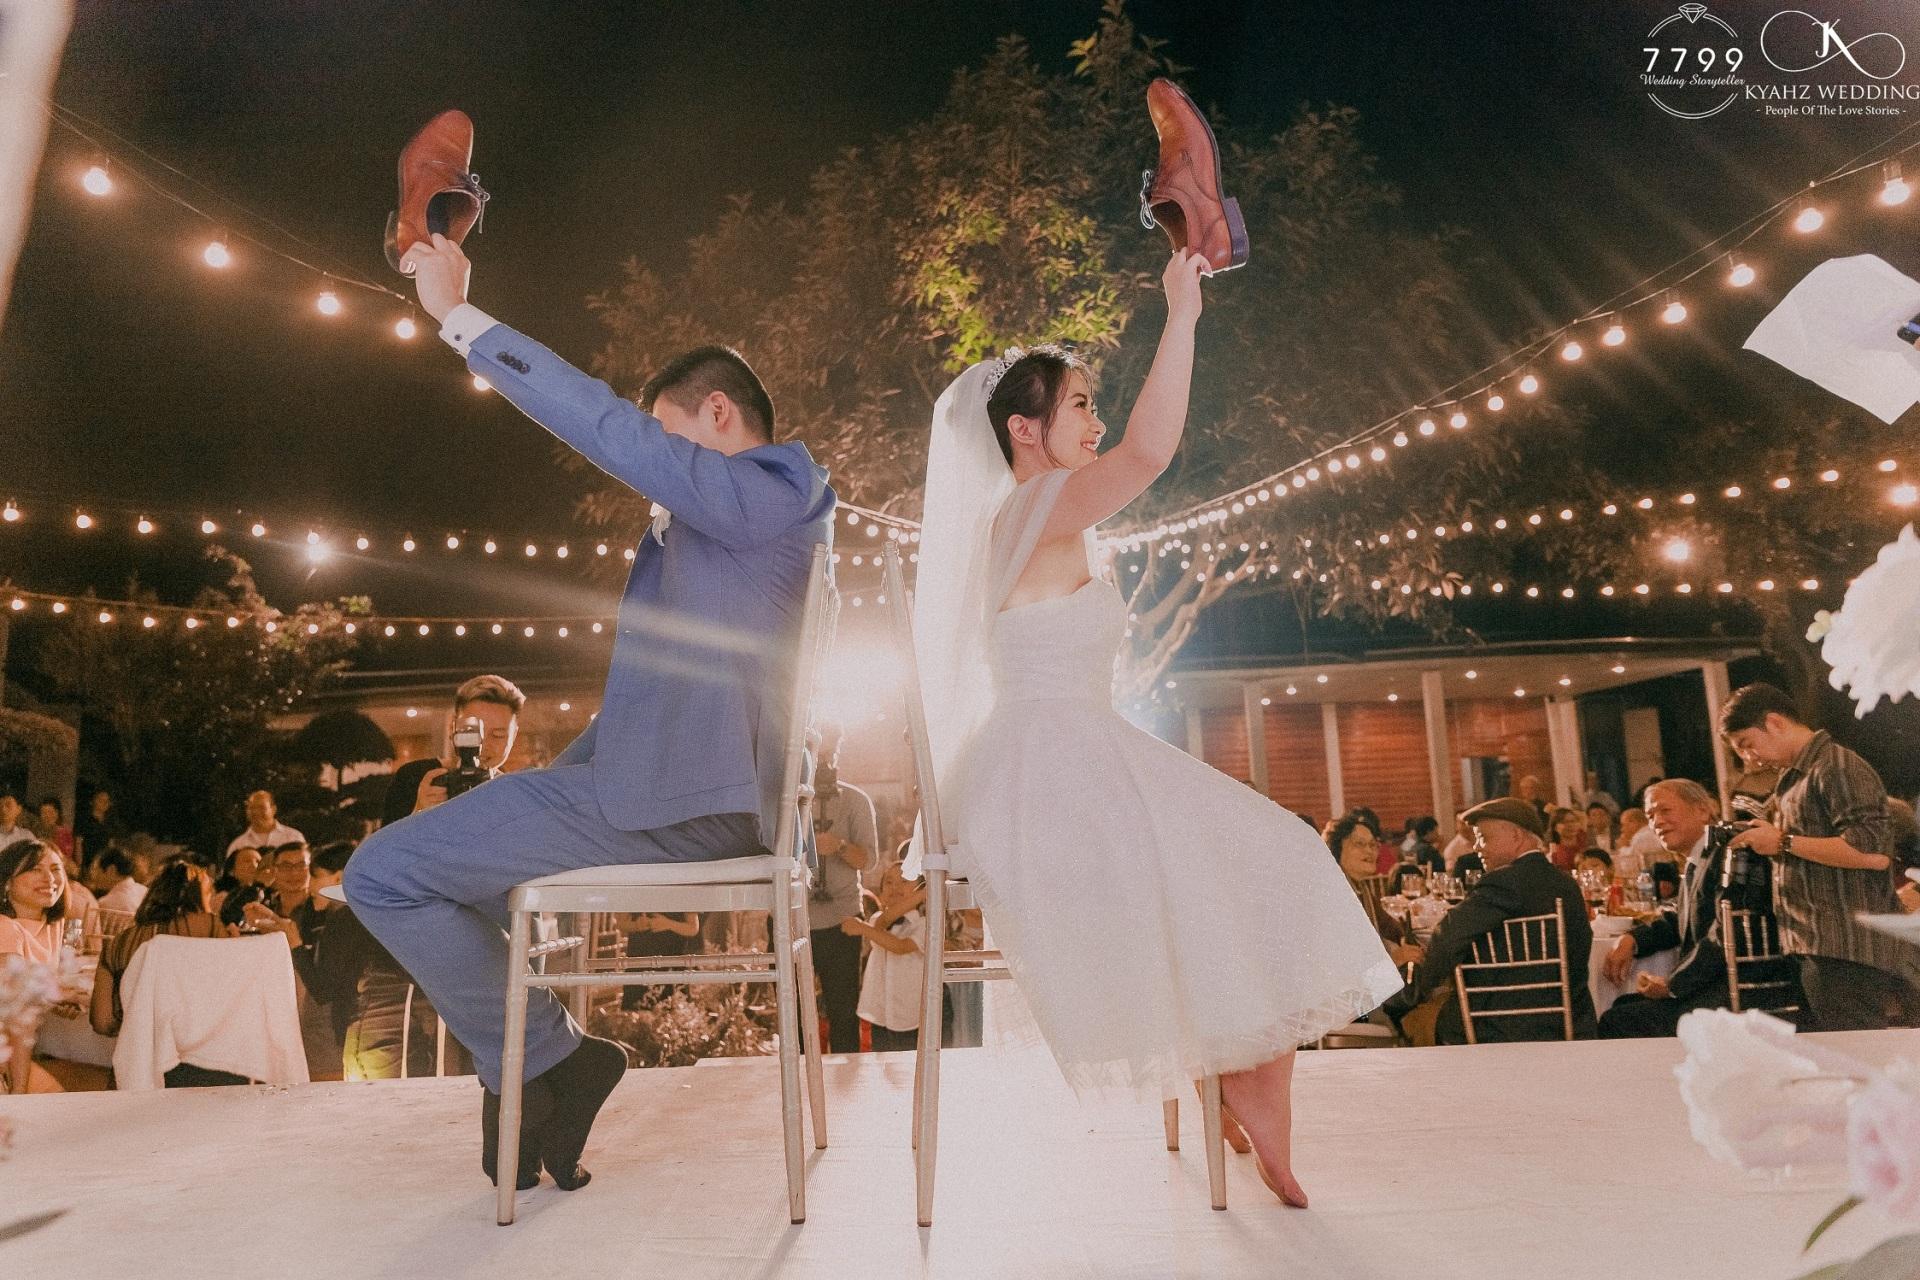 Xu hướng tổ chức đám cưới ngoài trời